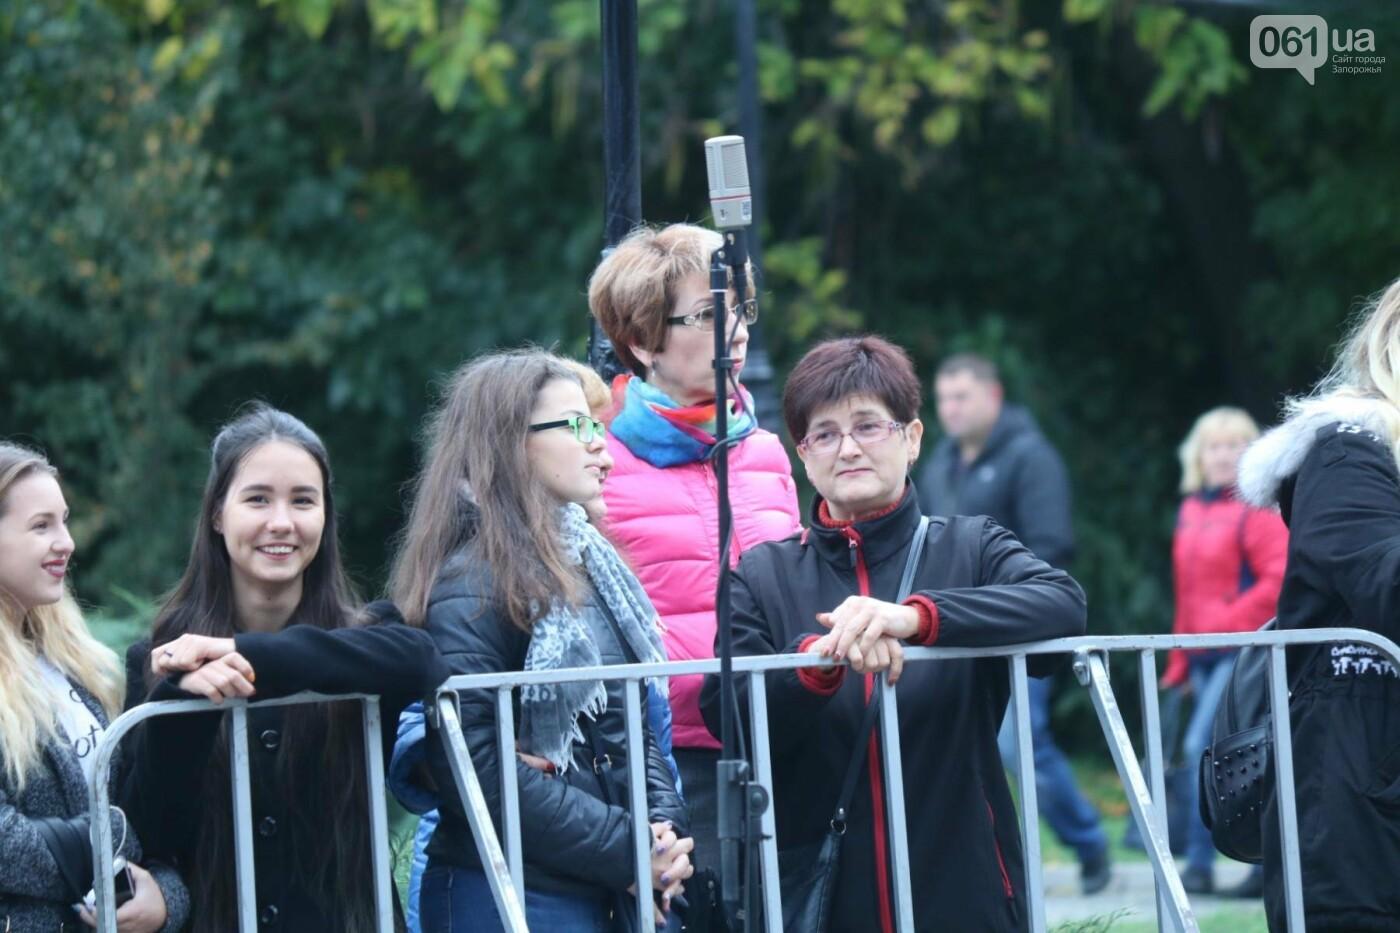 В парке Трудовой славы Onuka провела саундчек перед вечерним концертом, - ФОТО , фото-14